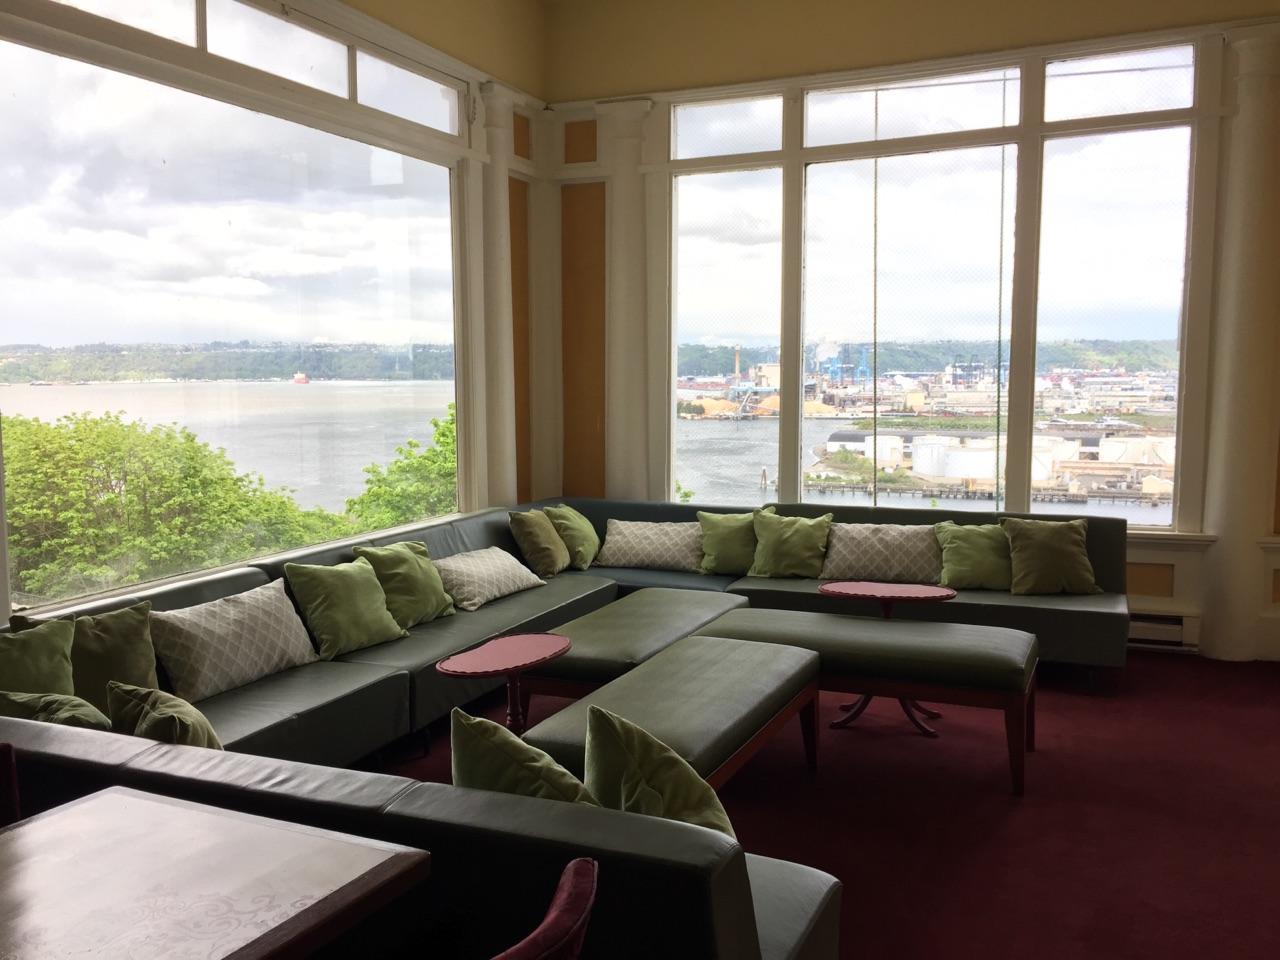 Union Club, Tacoma